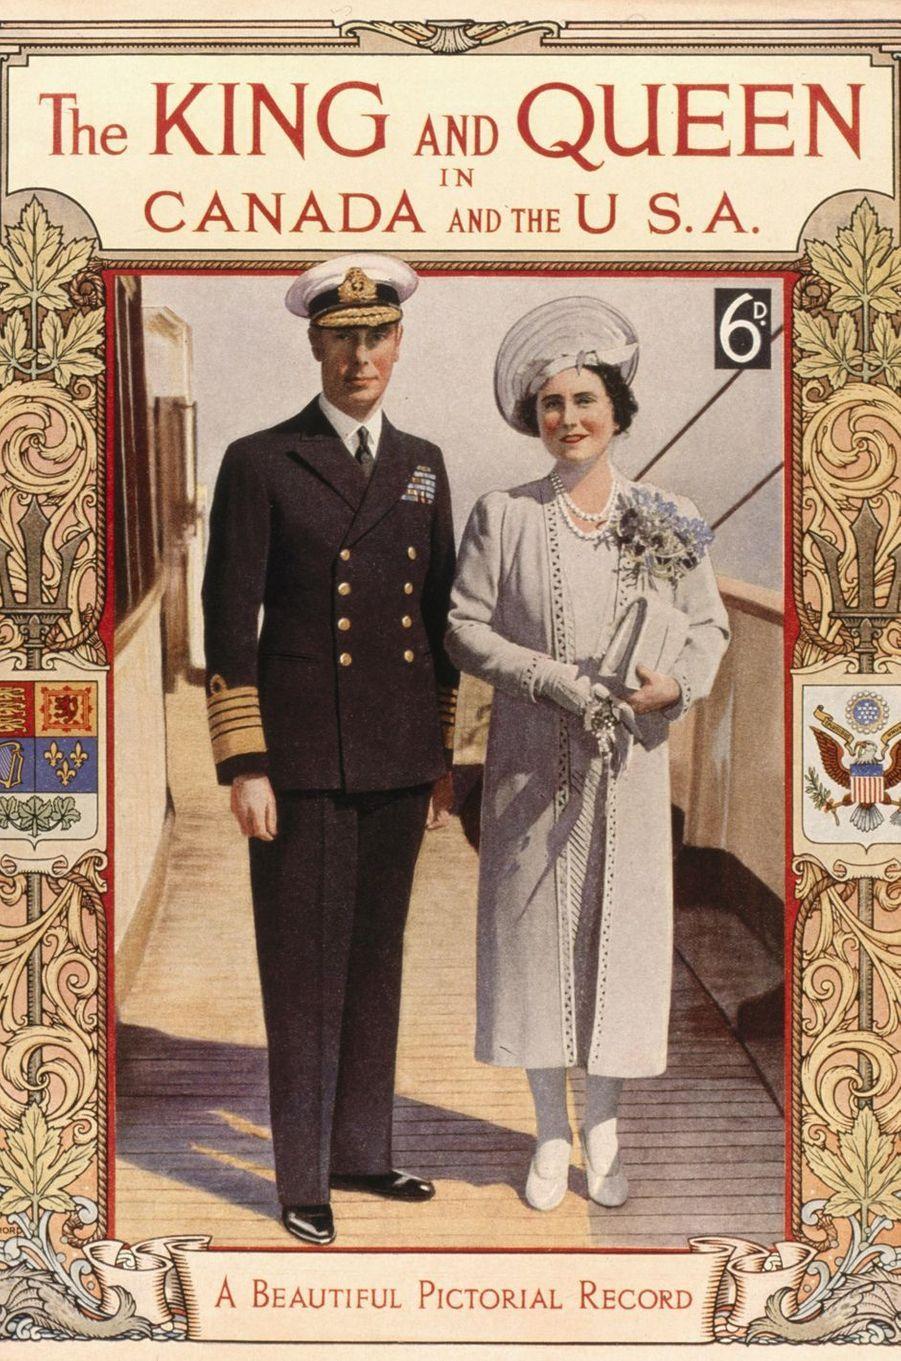 Document évoquant la première visite au Canada et aux Etats-Unis en 1939 du roi George VI et de son épouse la reine consort Elizabeth (future Queen Mum)